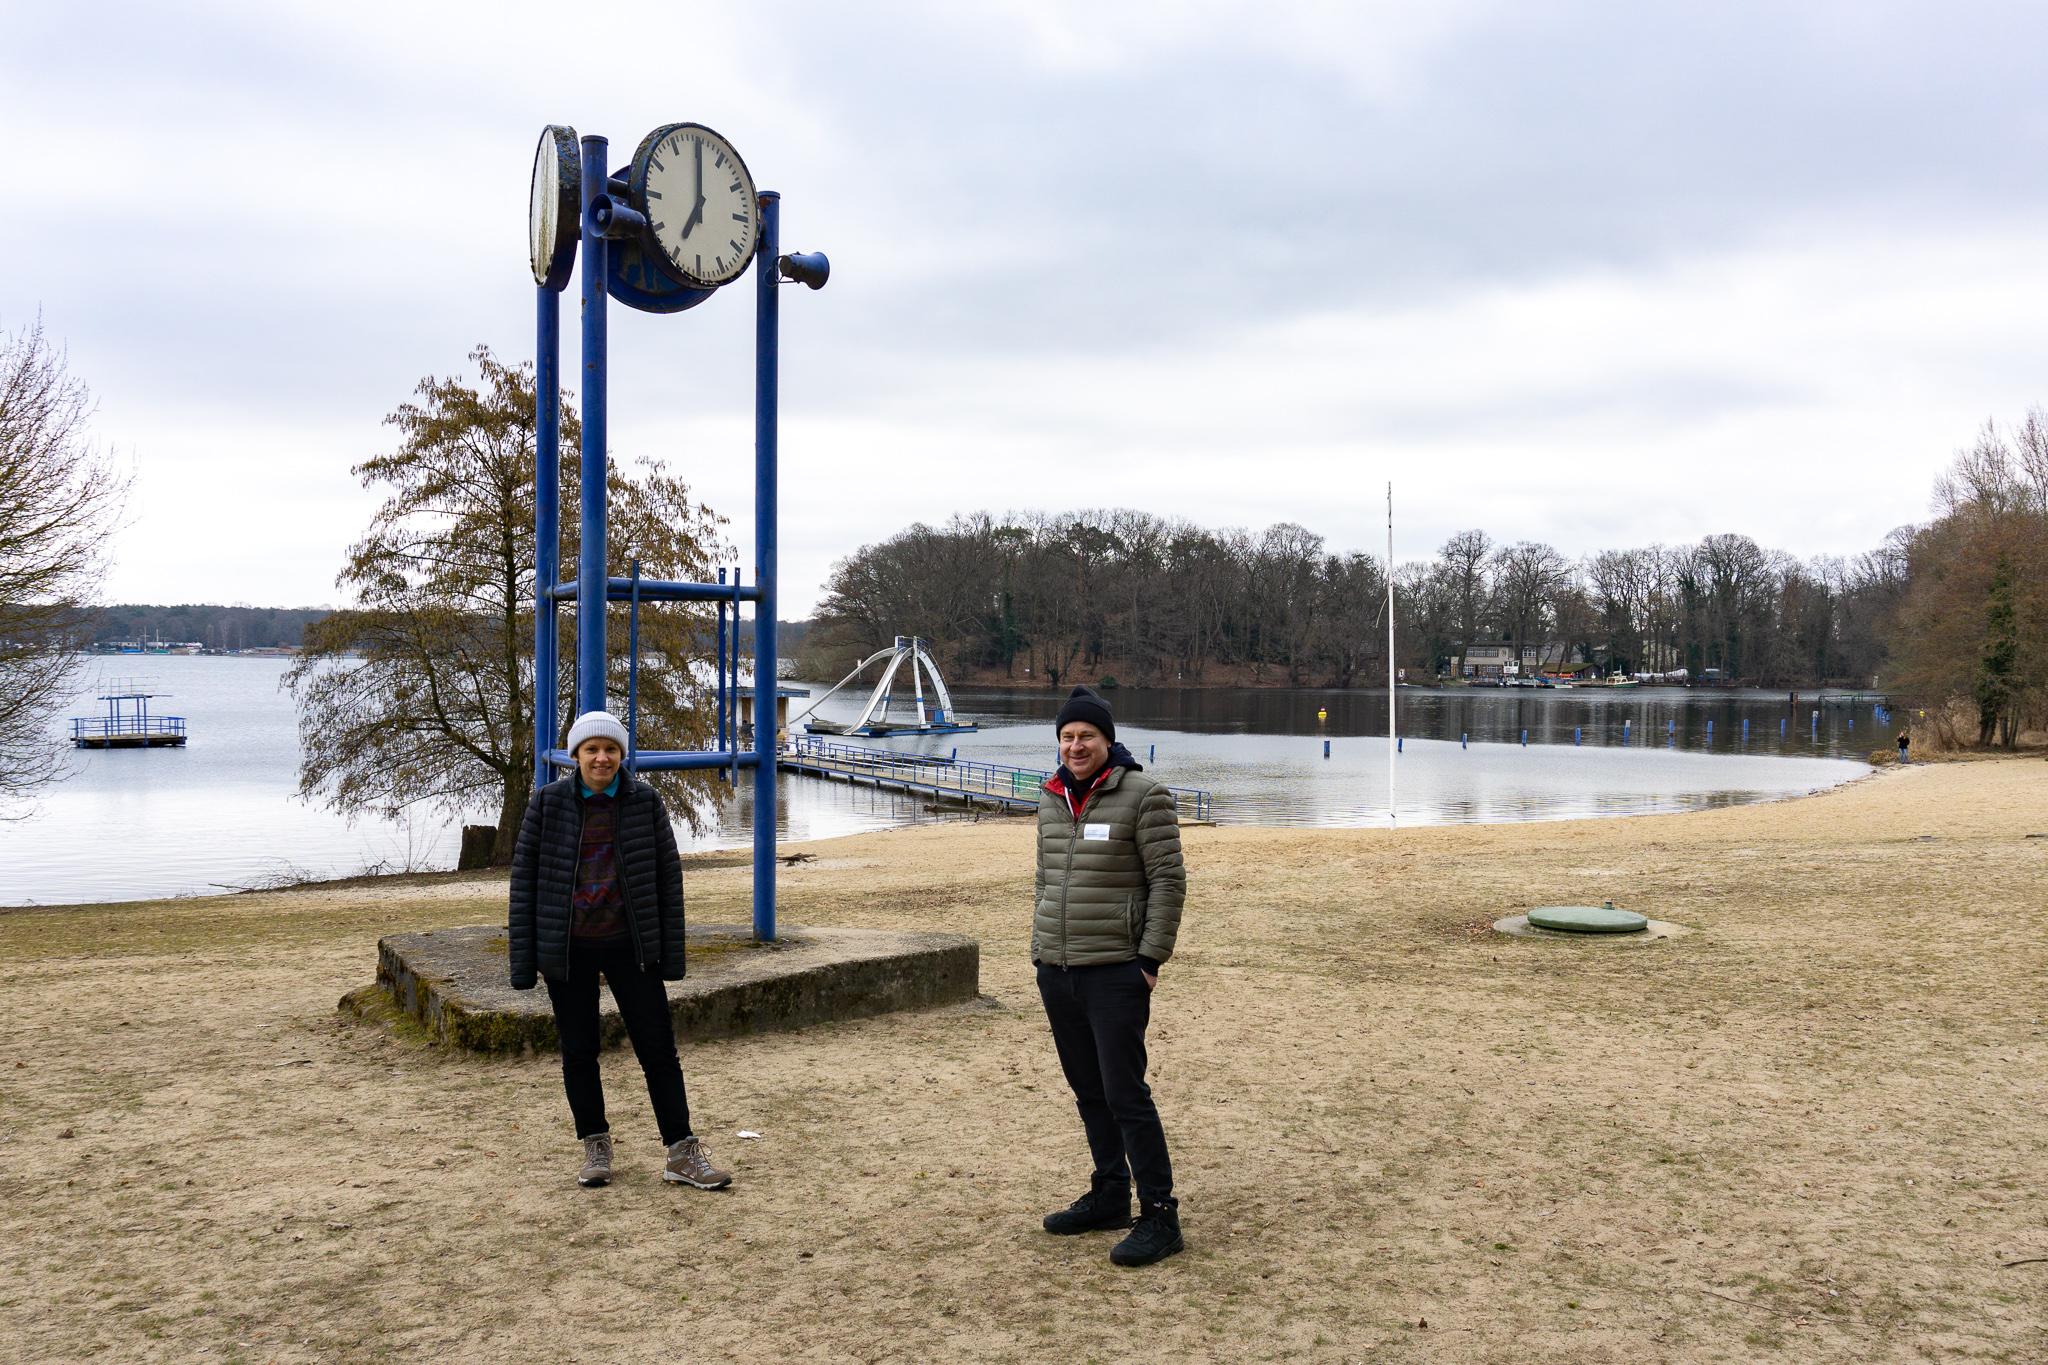 Marina Naprushkina und Udo Bockemühl vom Verein Neue Nachbarschaft Moabit koordinieren die Sanierung im Strandbad Tegel. Foto: Max Müller